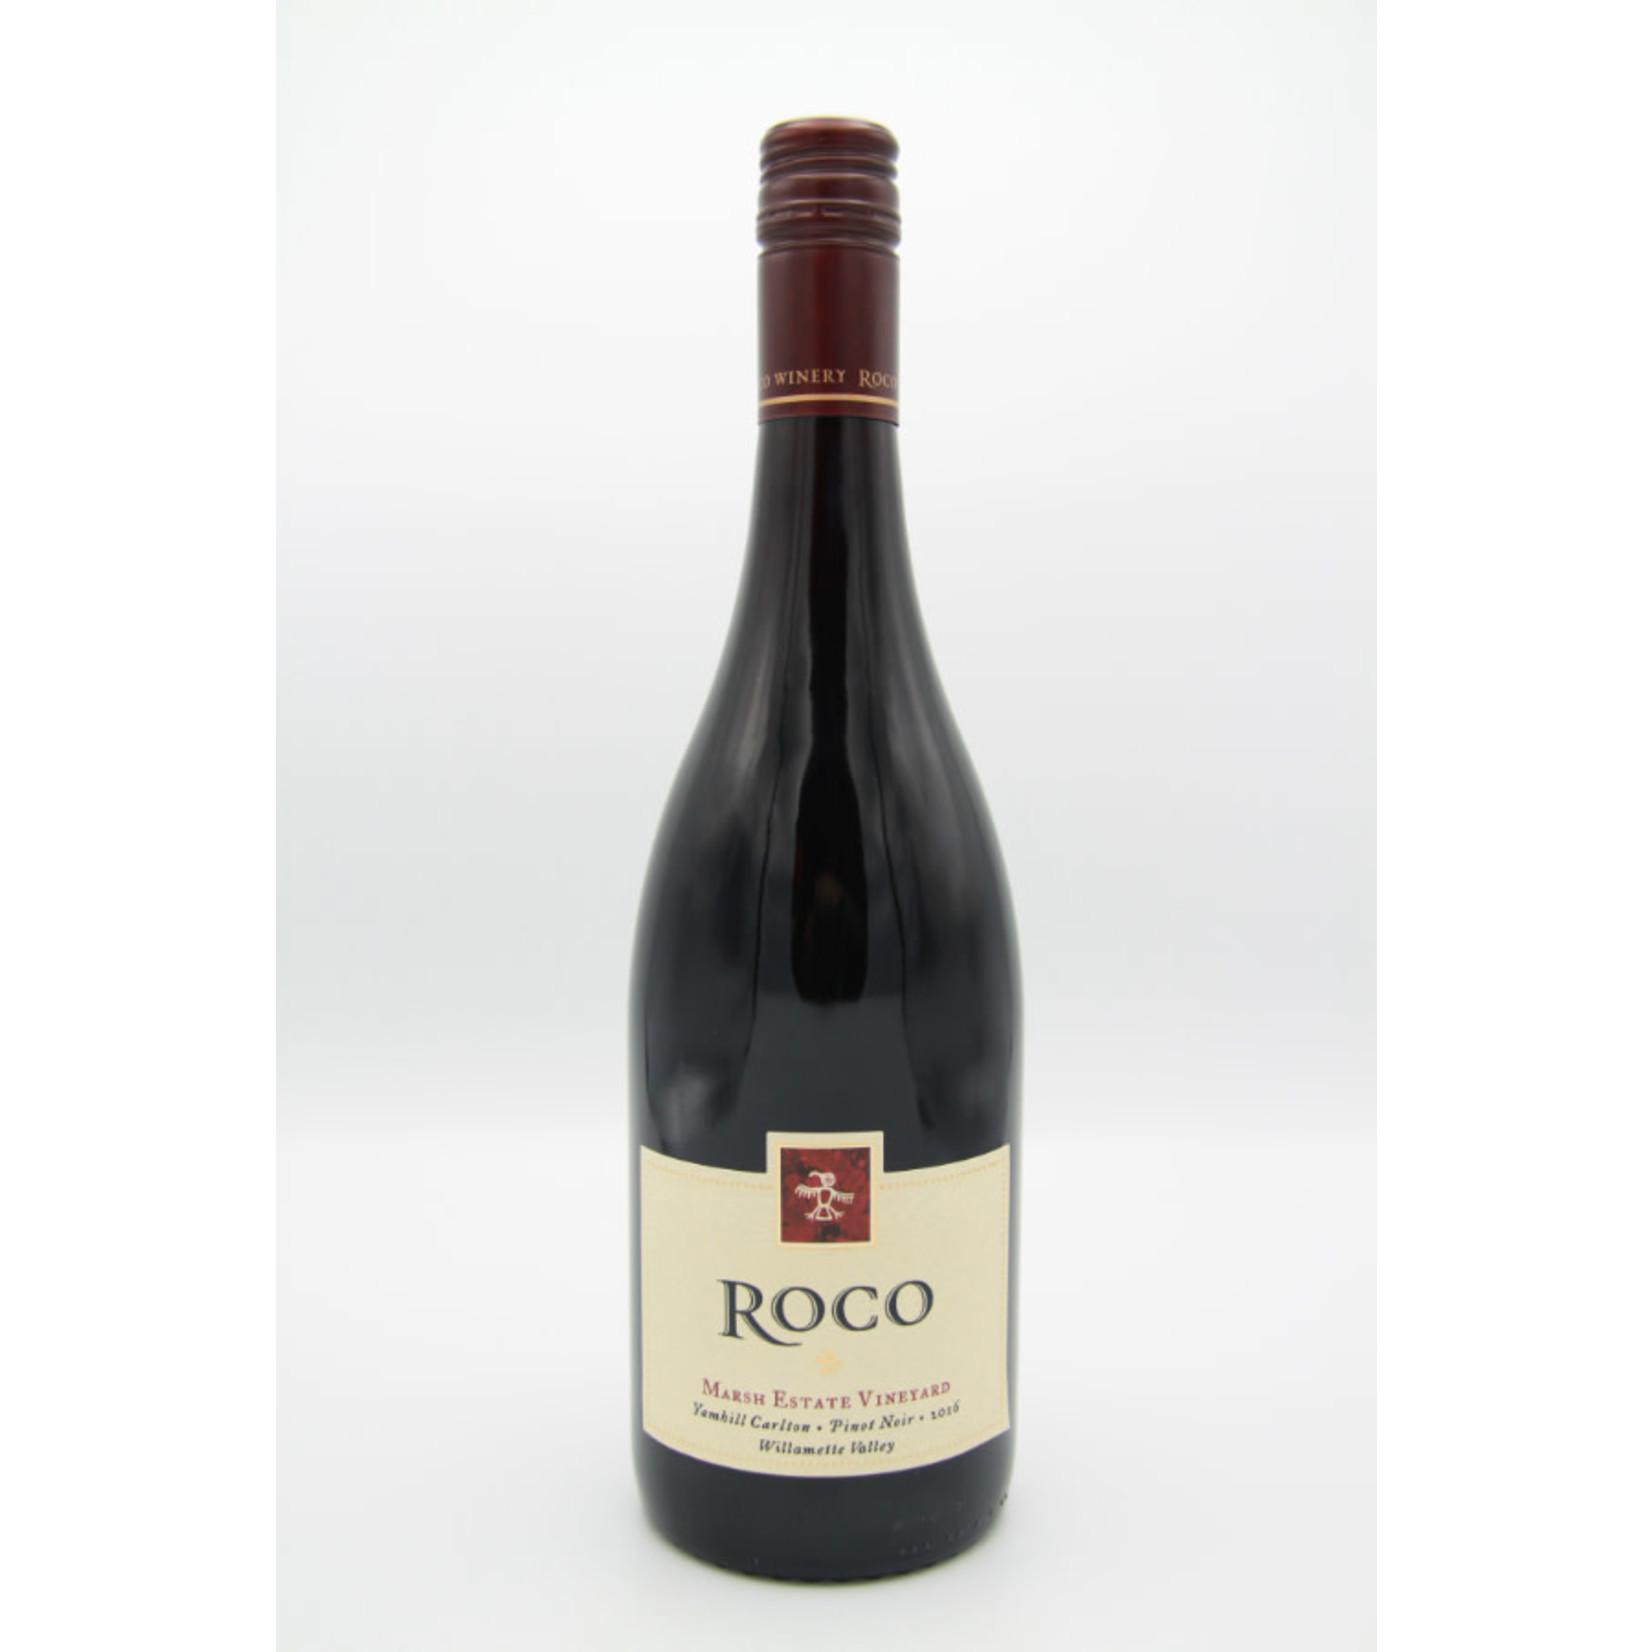 2016 Roco 'Marsh Estate Vineyard' Pinot Noir